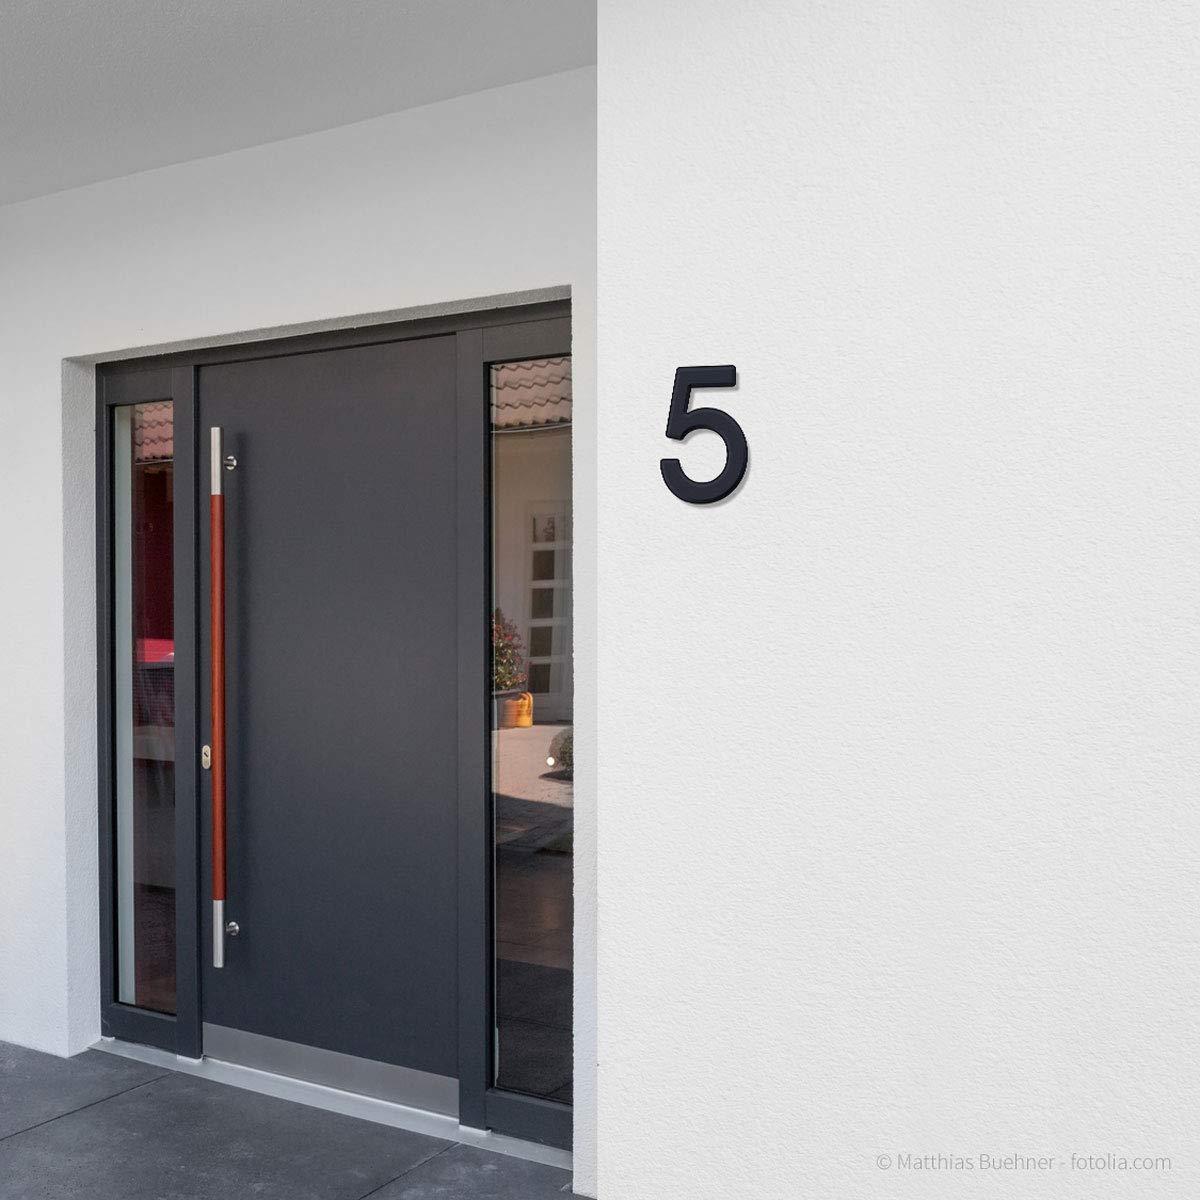 Thorwa/® Design Edelstahl Hausnummer modern Avant Garde Stil 4 RAL 7016 anthrazit pulverbeschichtet H: 160mm